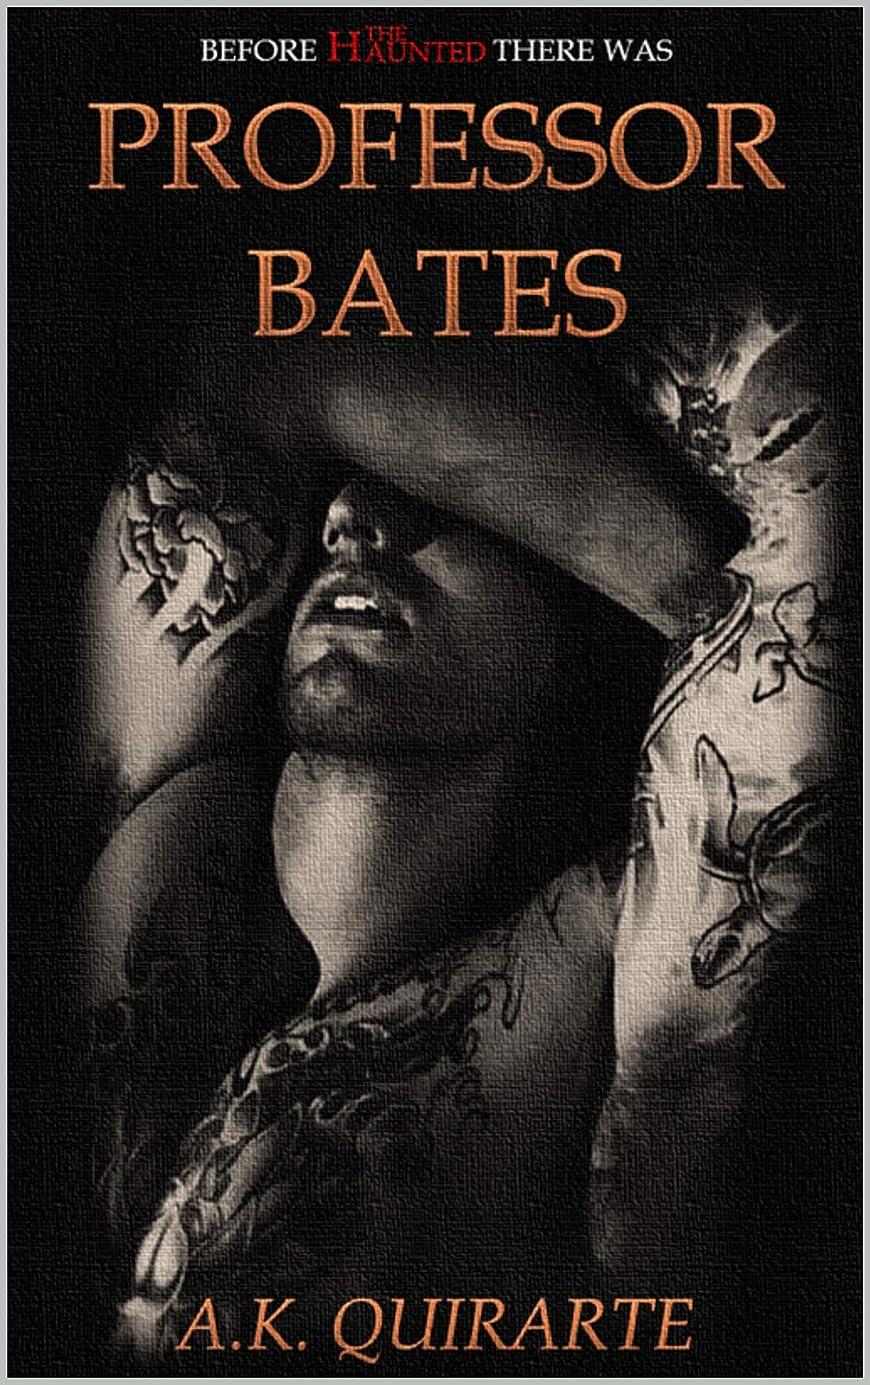 問い合わせ認める虐待PROFESSOR BATES (THE HAUNTED: HORROR UNIVERSE Book 7) (English Edition)